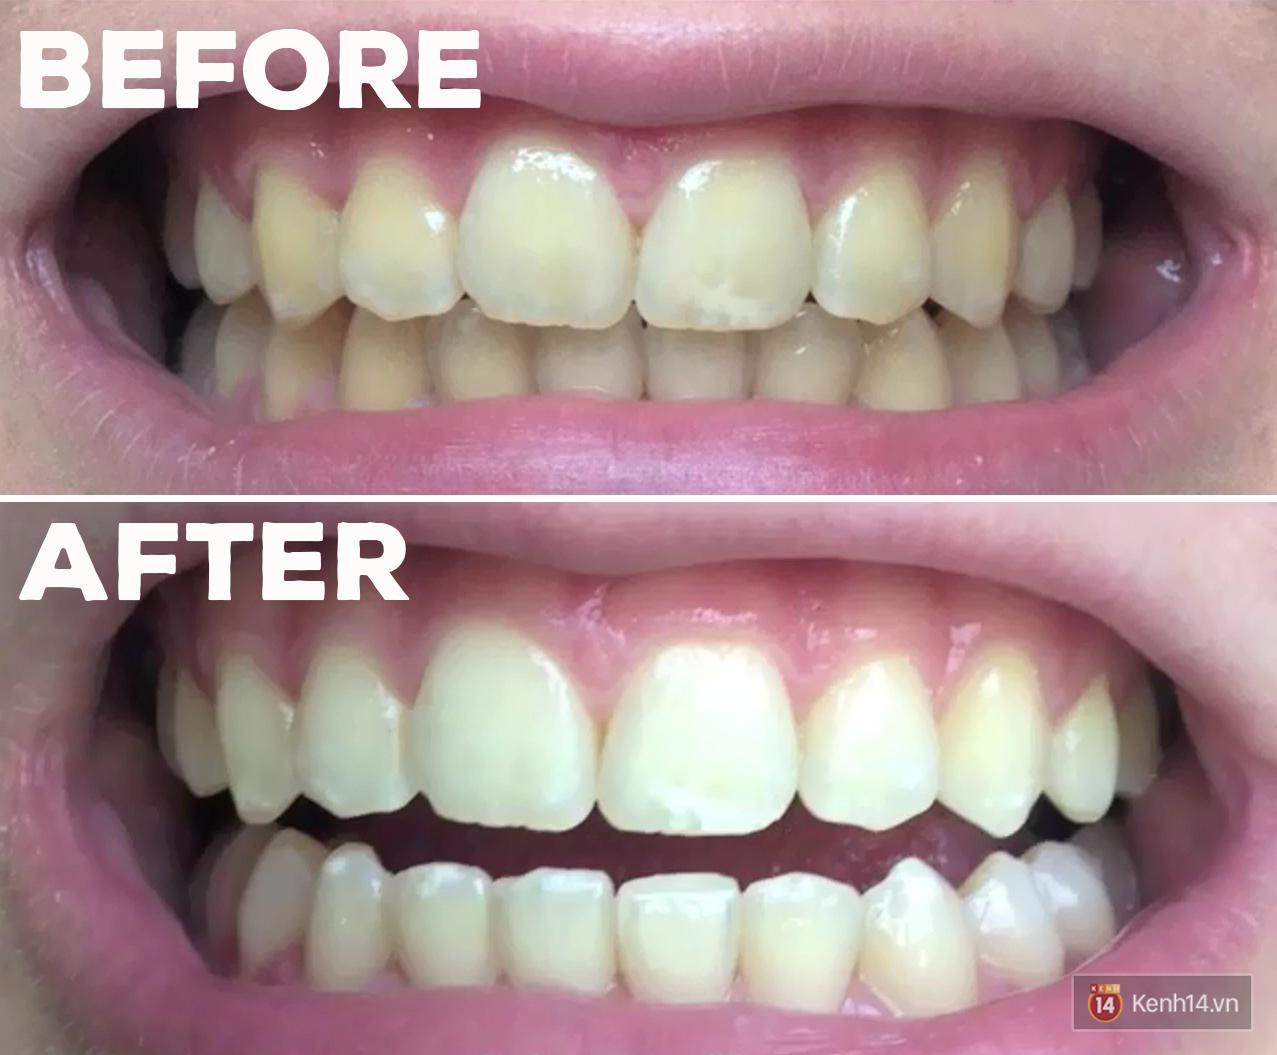 Các bạn trẻ trên thế giới đang dùng những phương pháp tẩy trắng răng gì? - Ảnh 3.